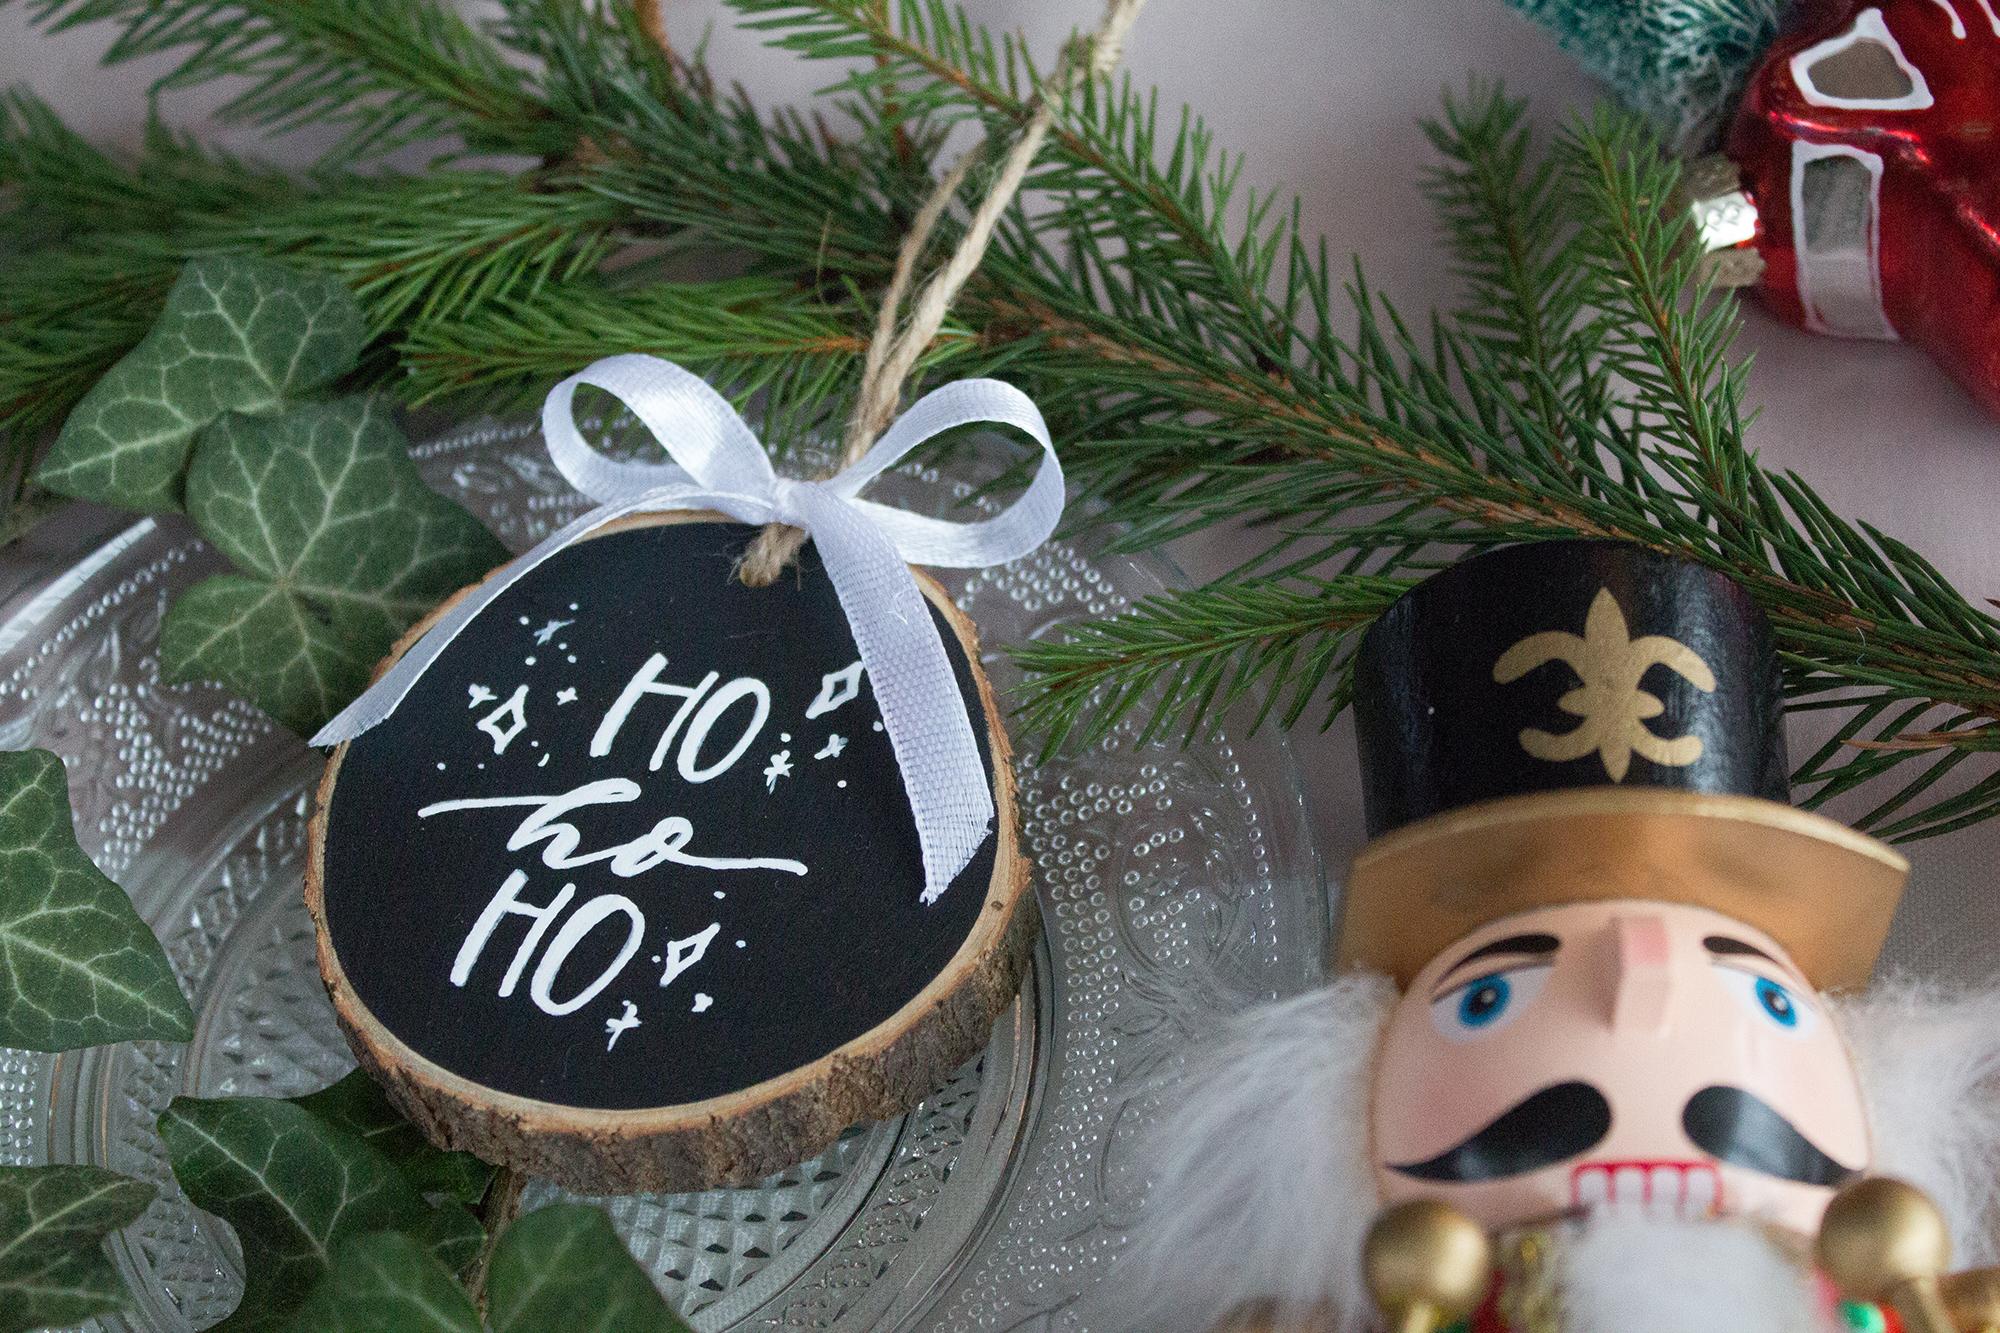 ho-ho-ho karácsonyfadísz